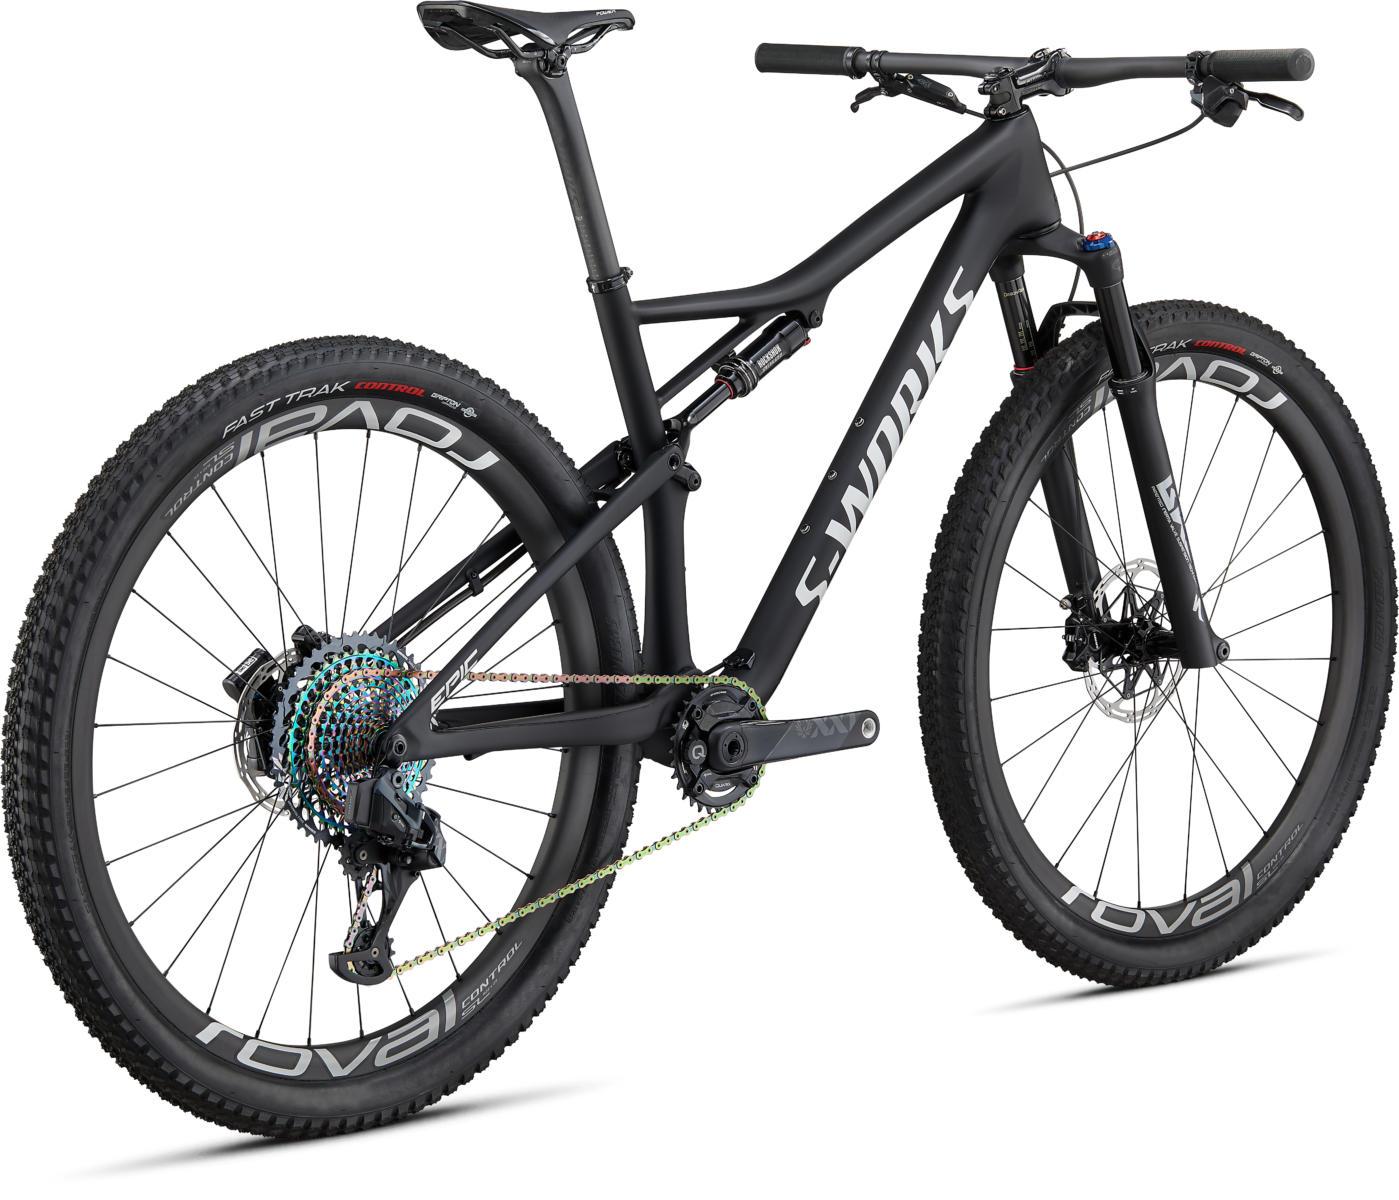 Sworks-Epic-FSR-SW-All-Bikes-Putte-Ludwig-Wynants-racefietsen-elektrische-fietsen-mountainbikes-koersfiets-kopen-herstellingen